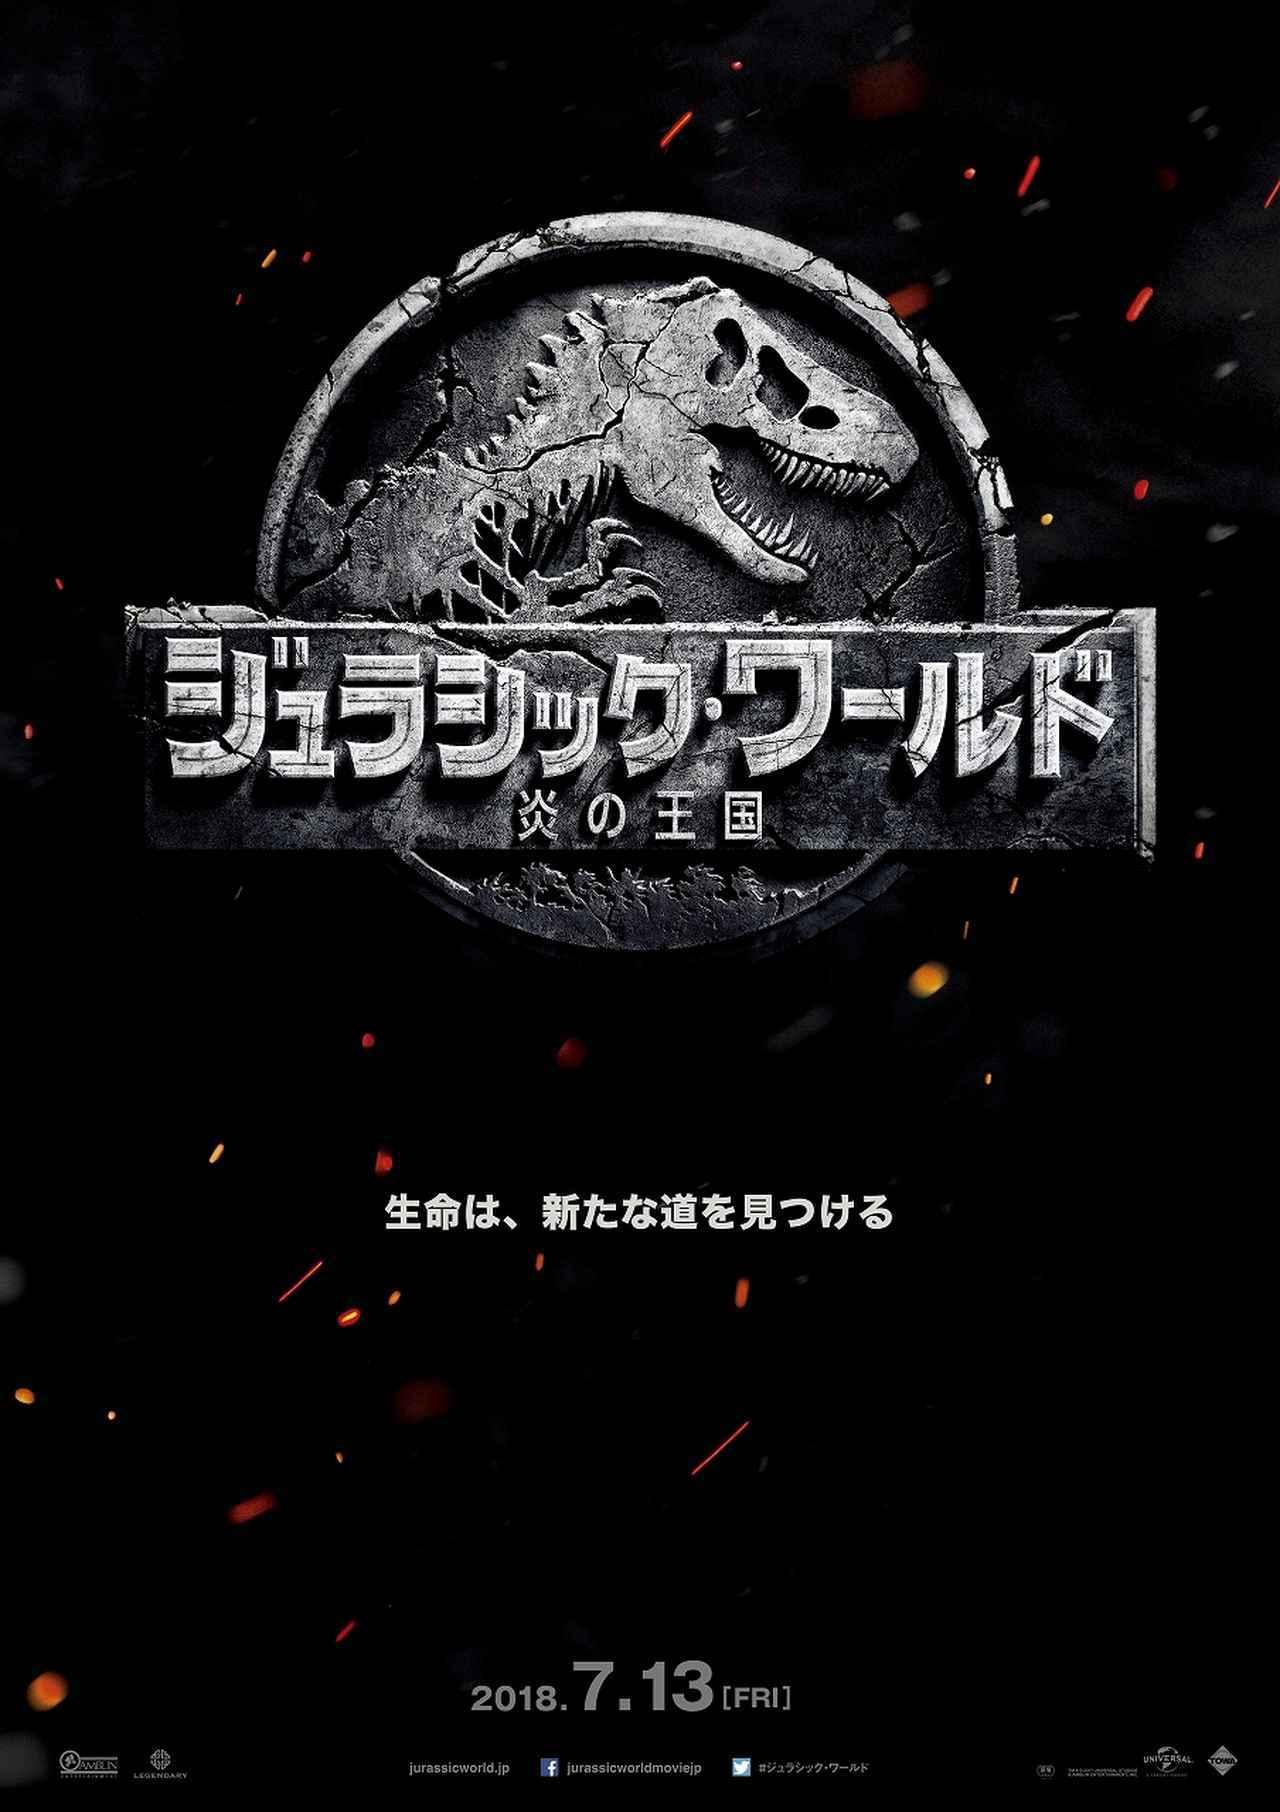 画像1: 『ジュラシック・ワールド2』日本公開日が決定!主演俳優からの動画メッセージも